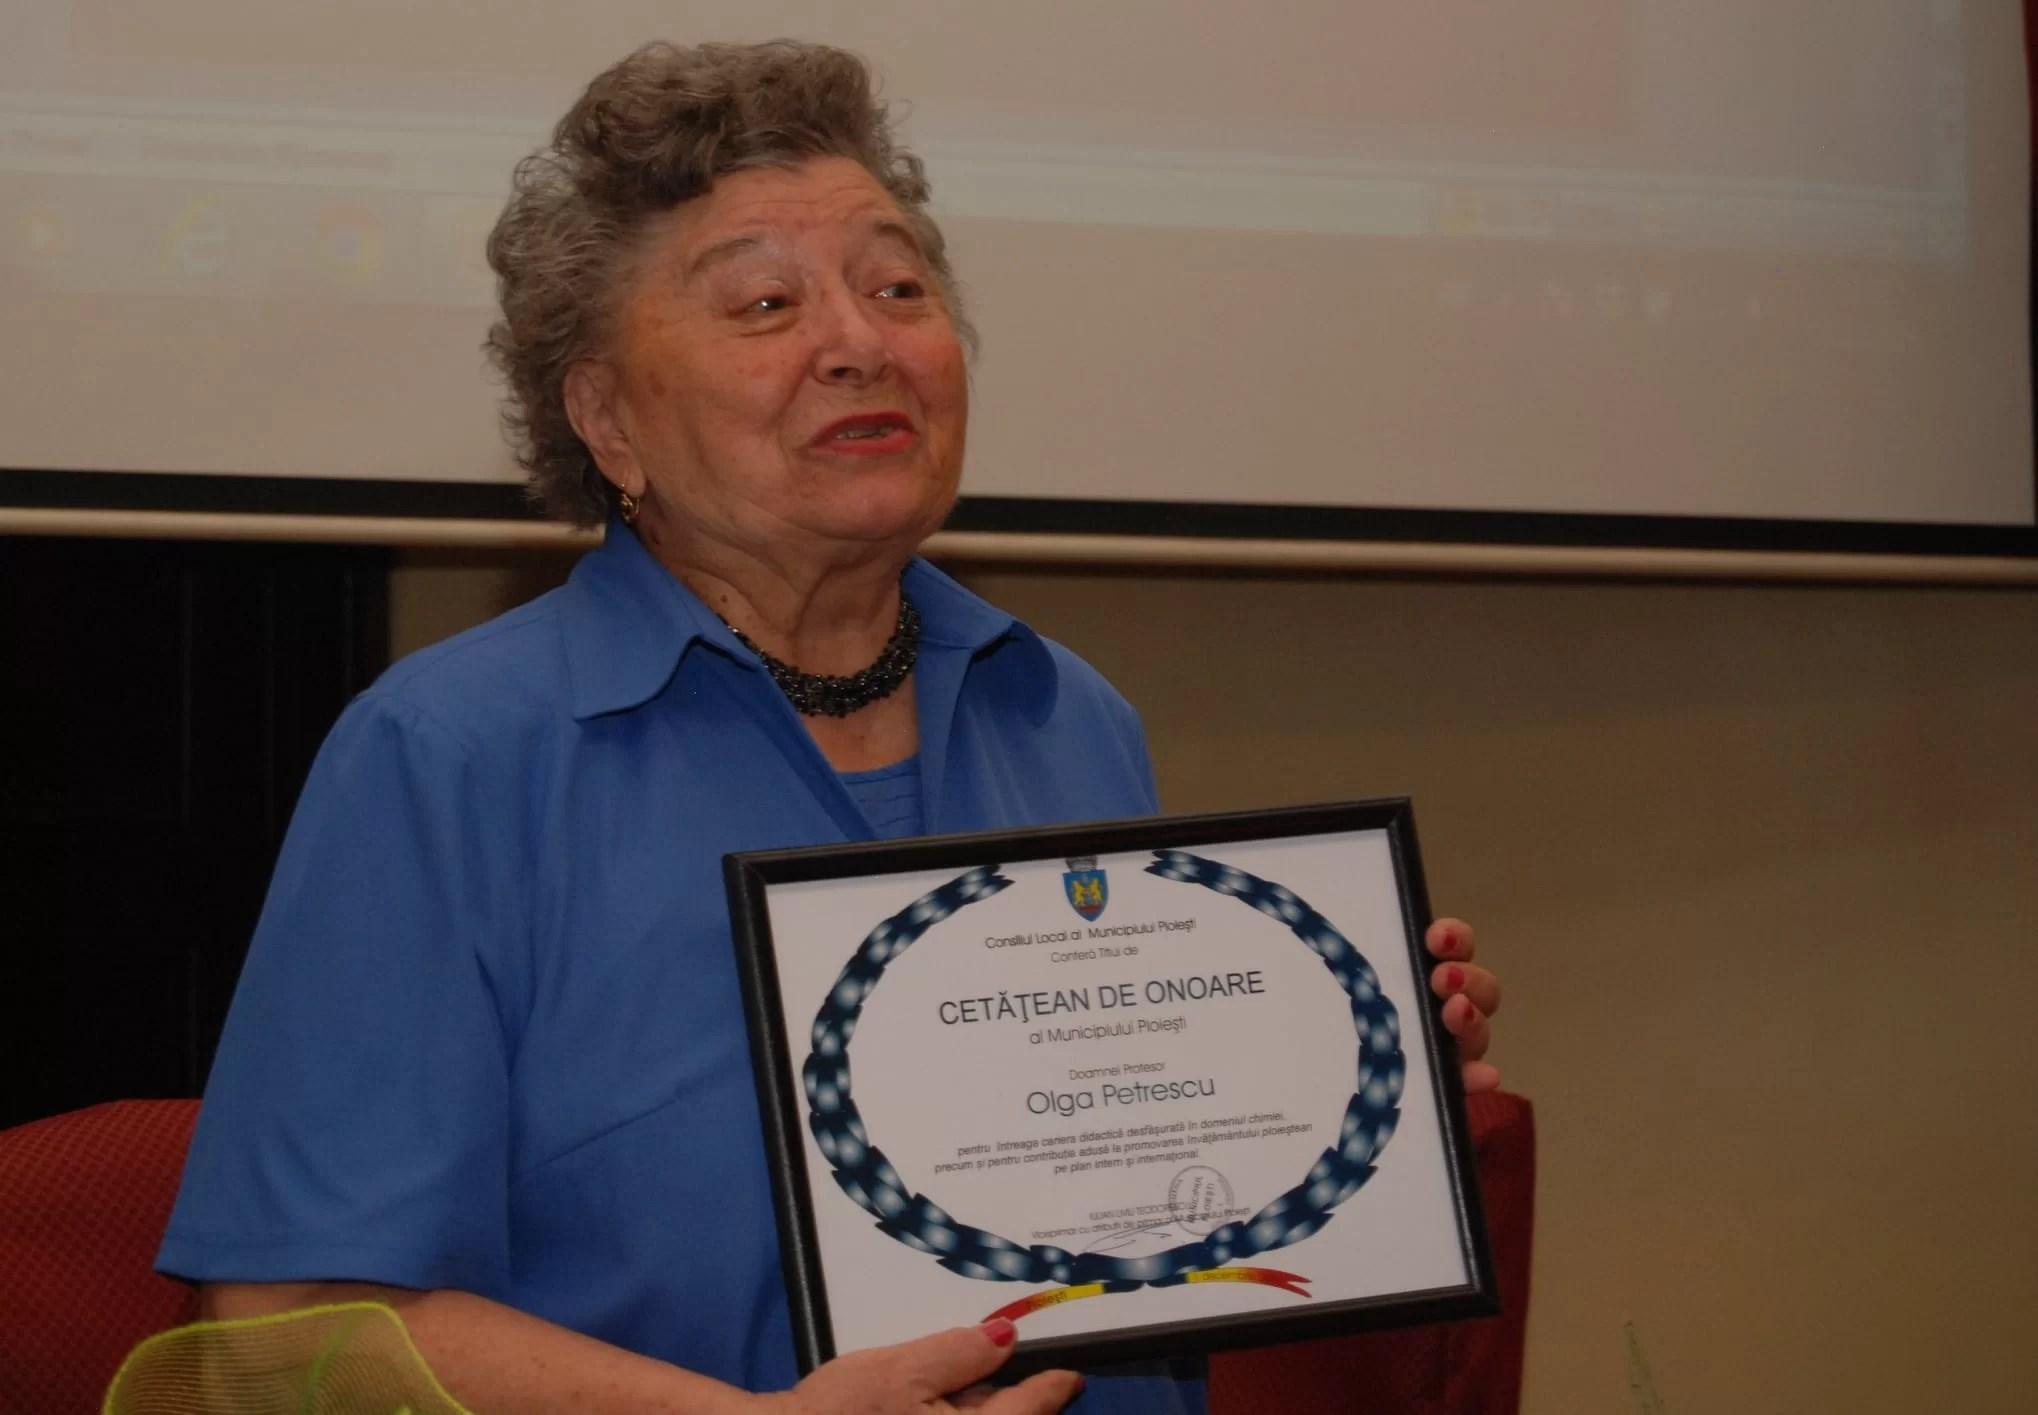 Legendara profesoară Olga Petrescu, din Liceul IL Caragiale, s-a stins din viață